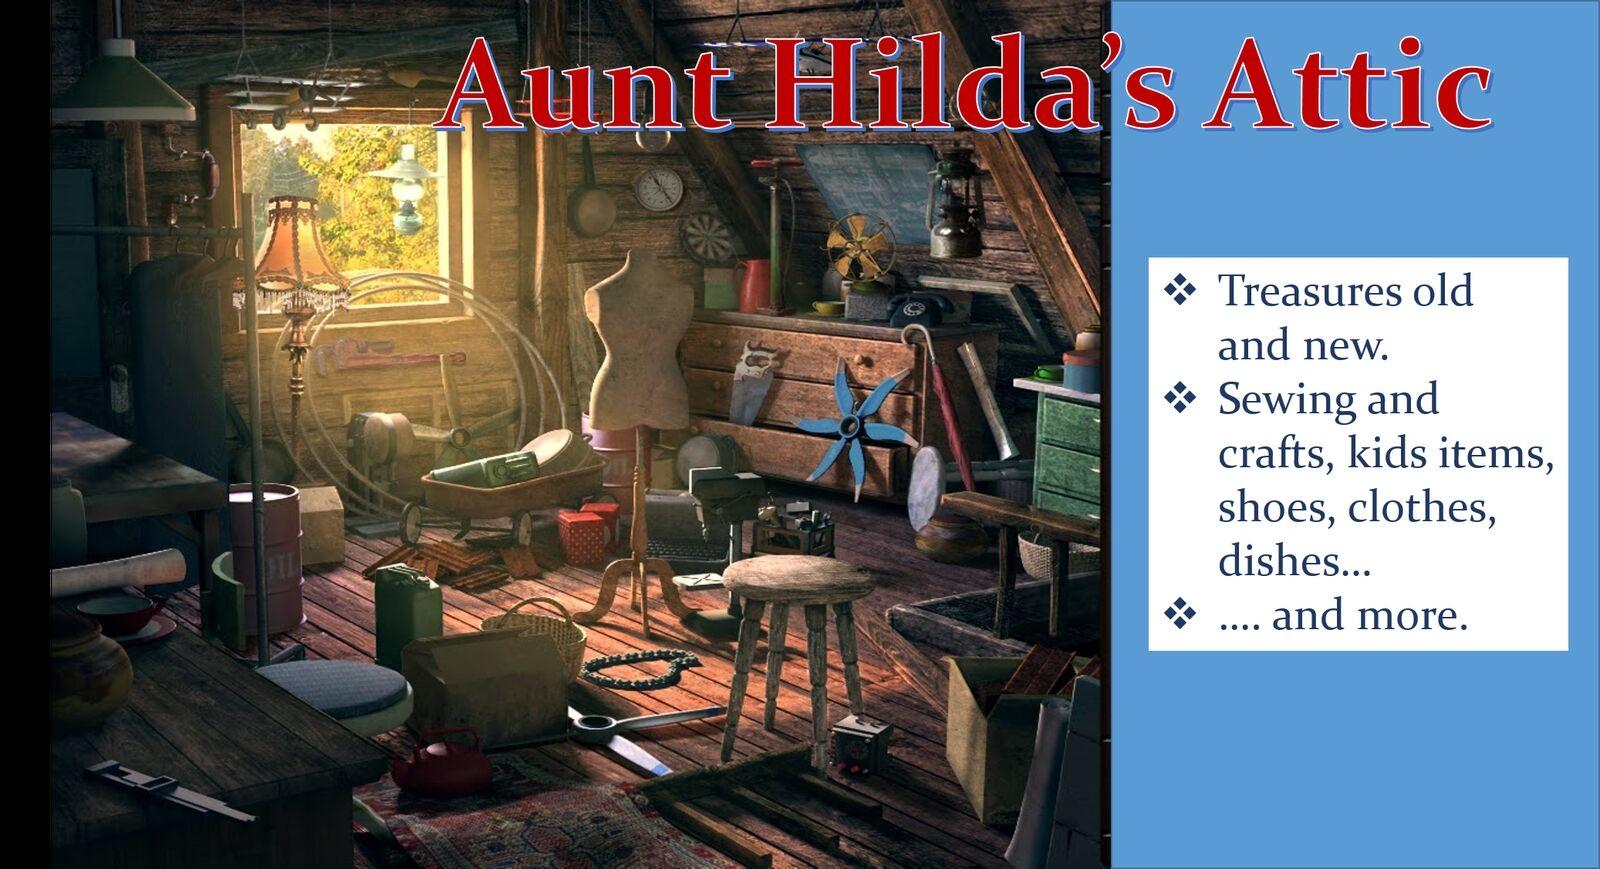 Aunt Hilda's Attic